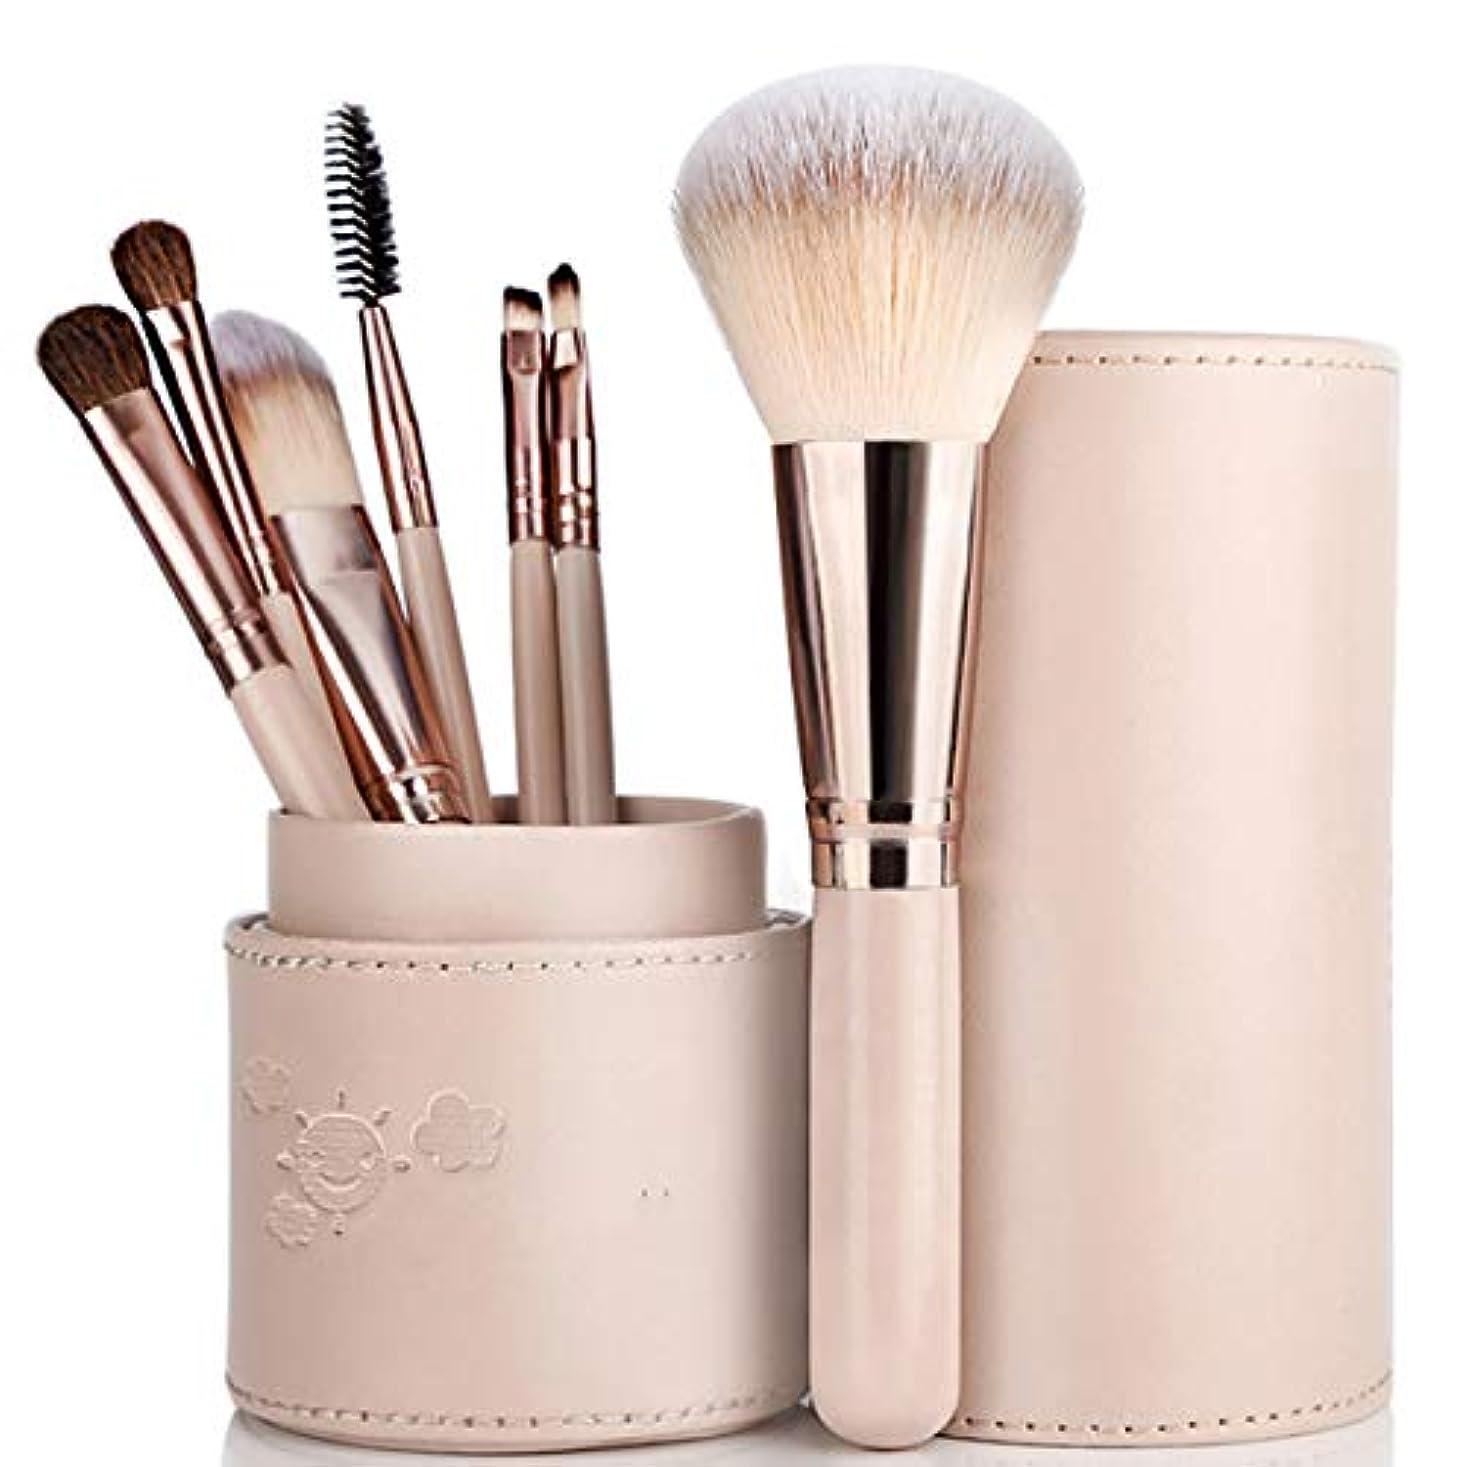 永遠の迷惑実行NORIDA メイクブラシ 化粧ブラシ 化粧筆 メイクブラシ7本セット 馬毛&高級纤维毛を使用 レザー化粧ケース付き